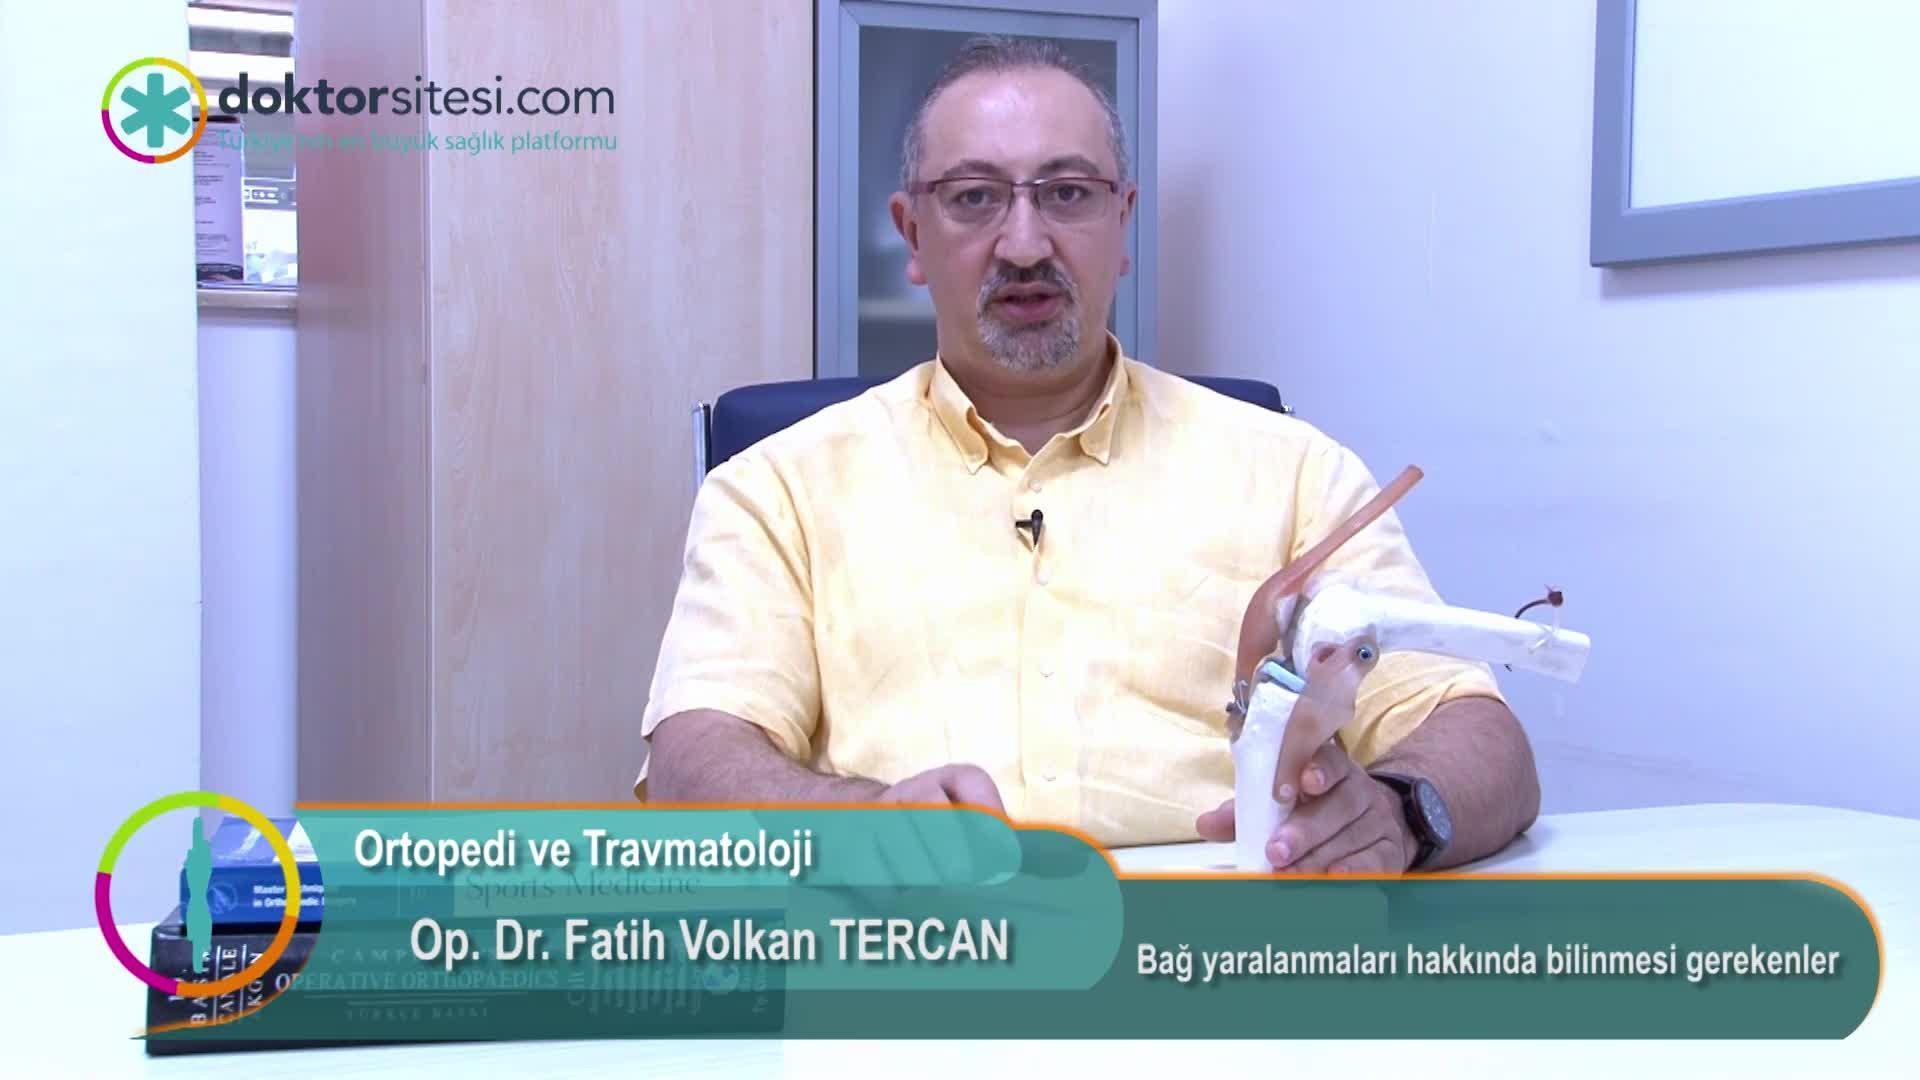 """Bağ yaralanmaları hakkında bilinmesi gerekenler """"Op. Dr. Fatih Volkan  TERCAN"""""""